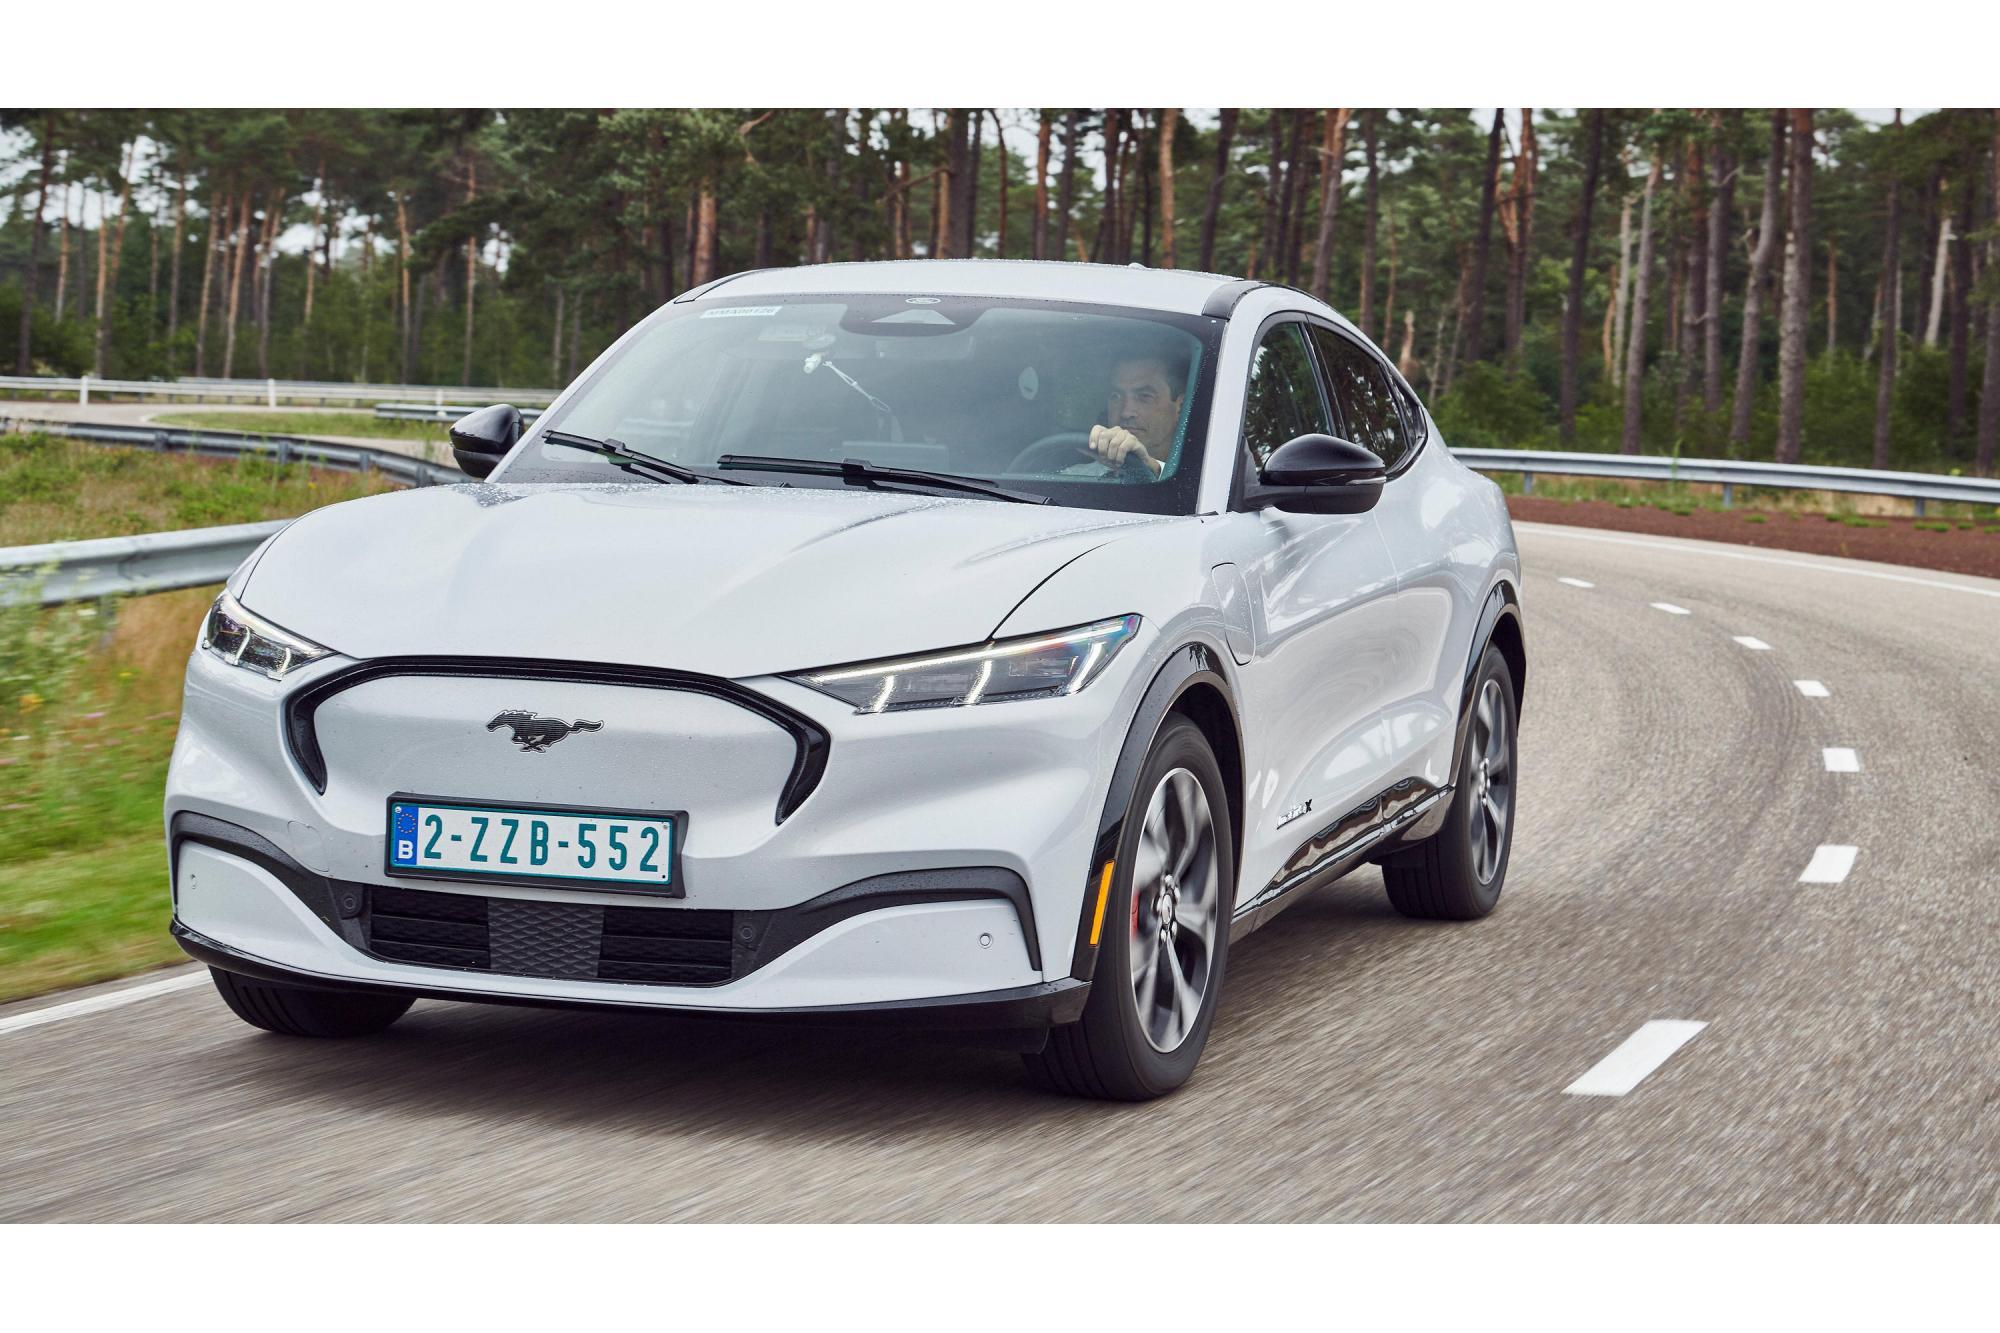 Δοκιμές στη Νορβηγία με την Mustang Mach-E